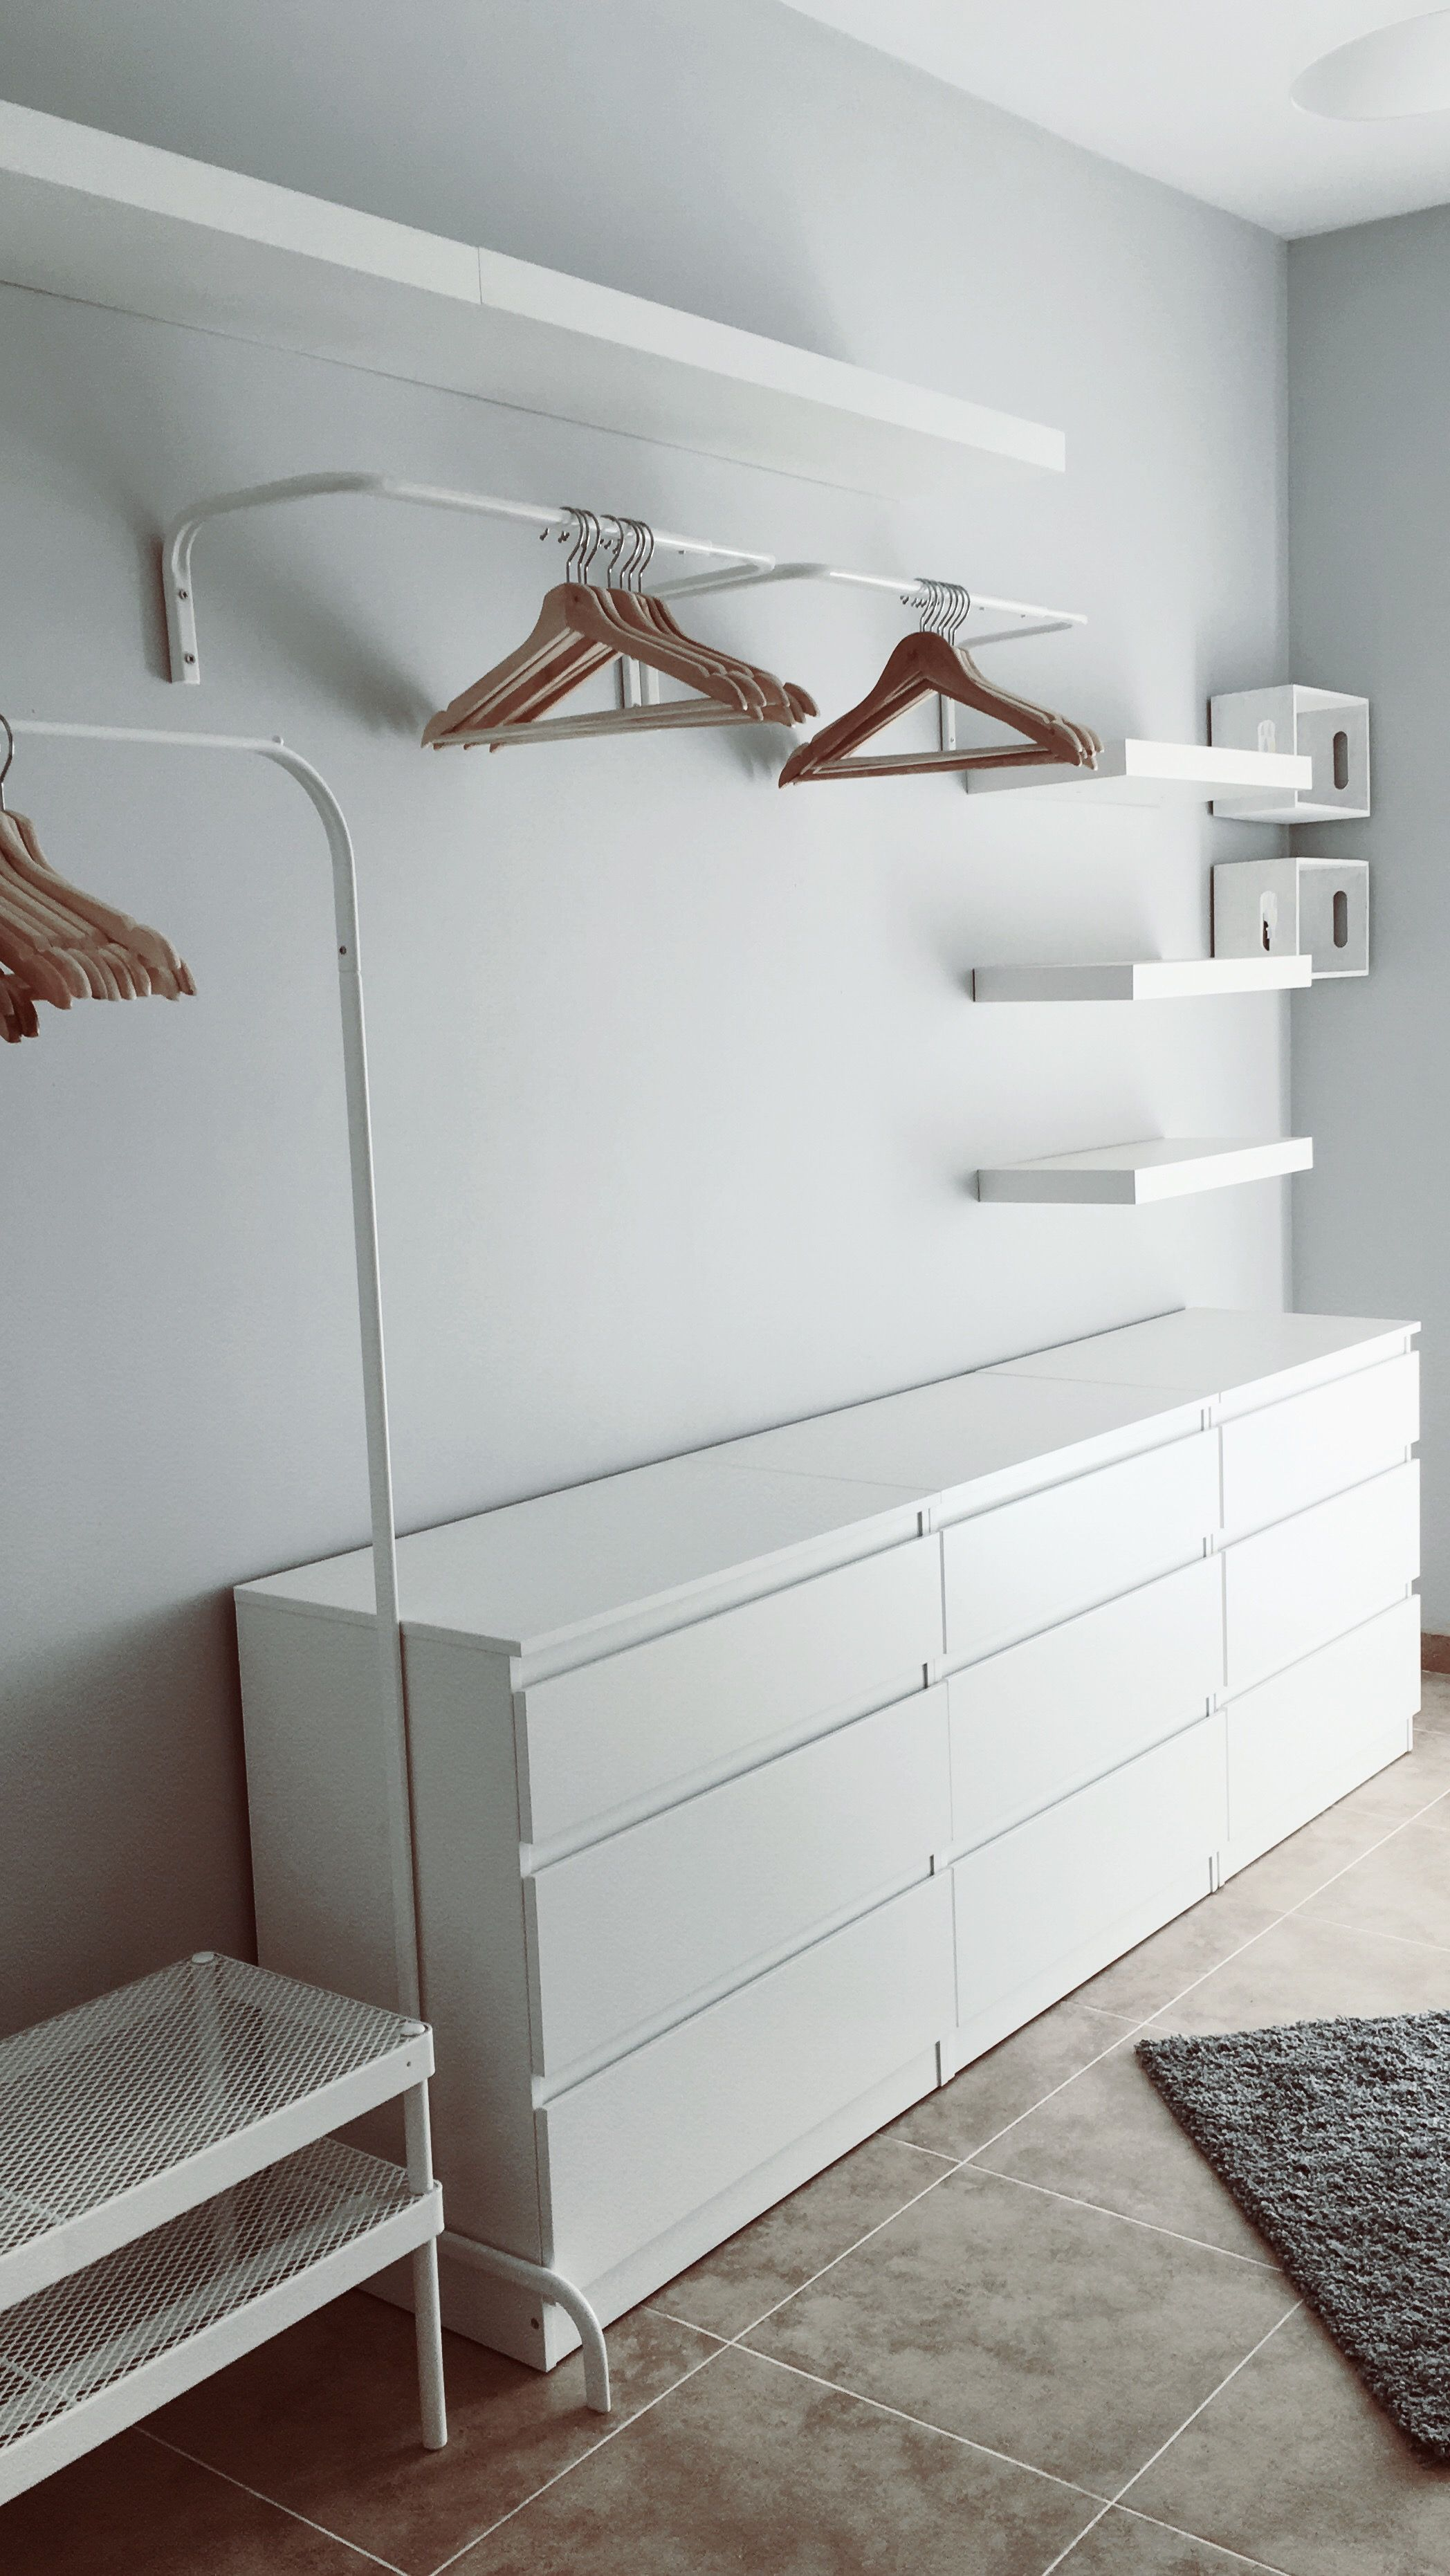 Vestidor Lowcost Ikea Vestidor Lowcost Ikea Room Decor  # Recherche Vestiaire A Transforme En Rack Sono